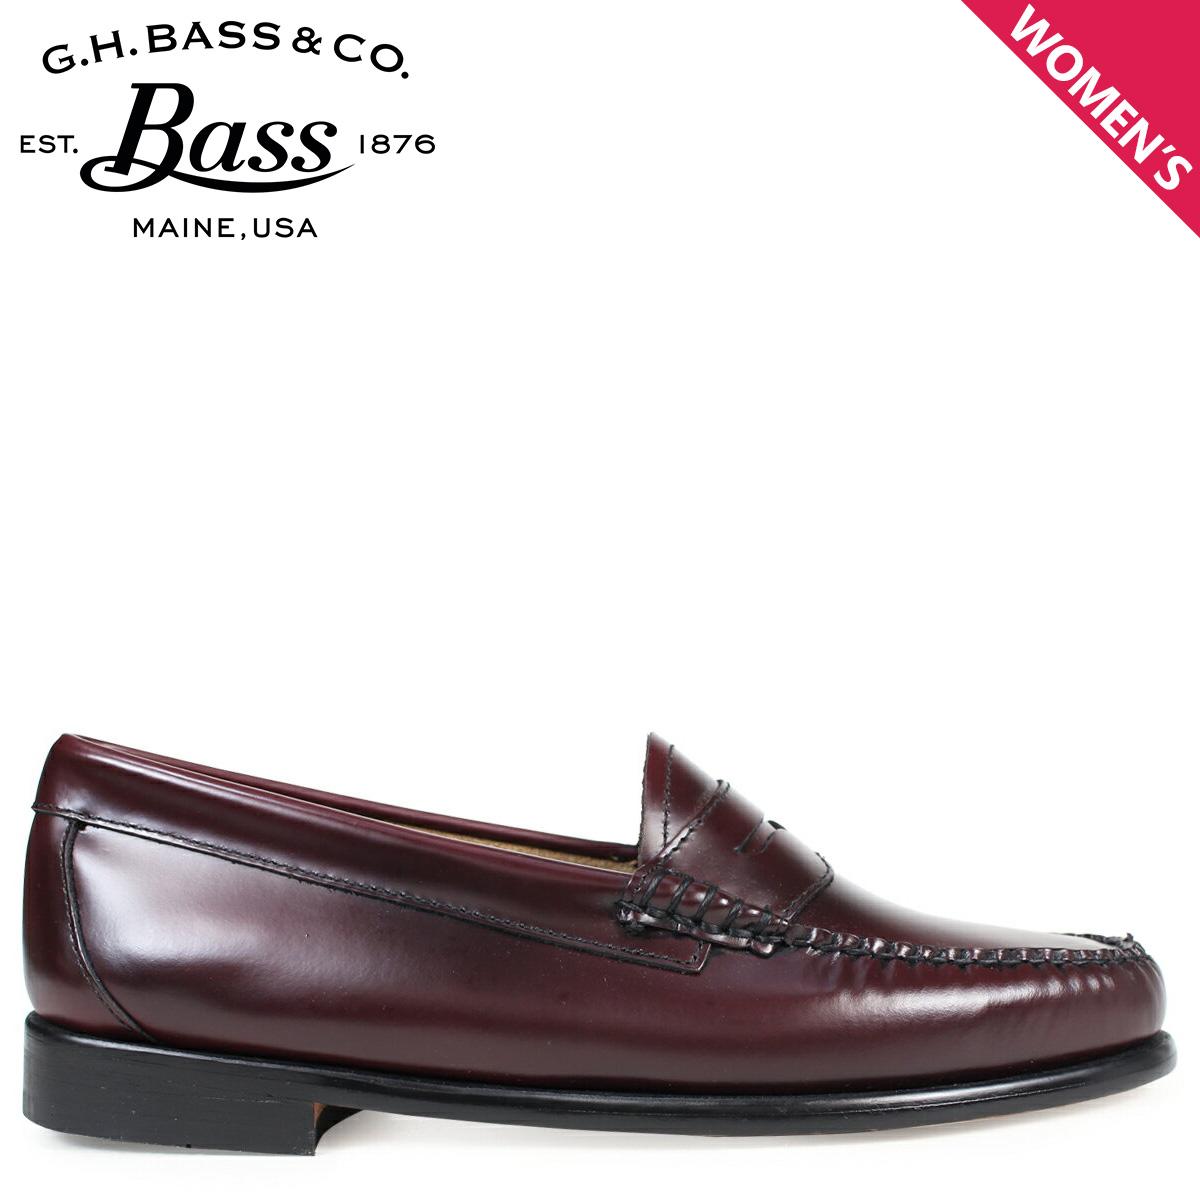 ジーエイチバス ローファー G.H. BASS レディース WHITNEY LOAFER 71-10339 靴 バーガンディー